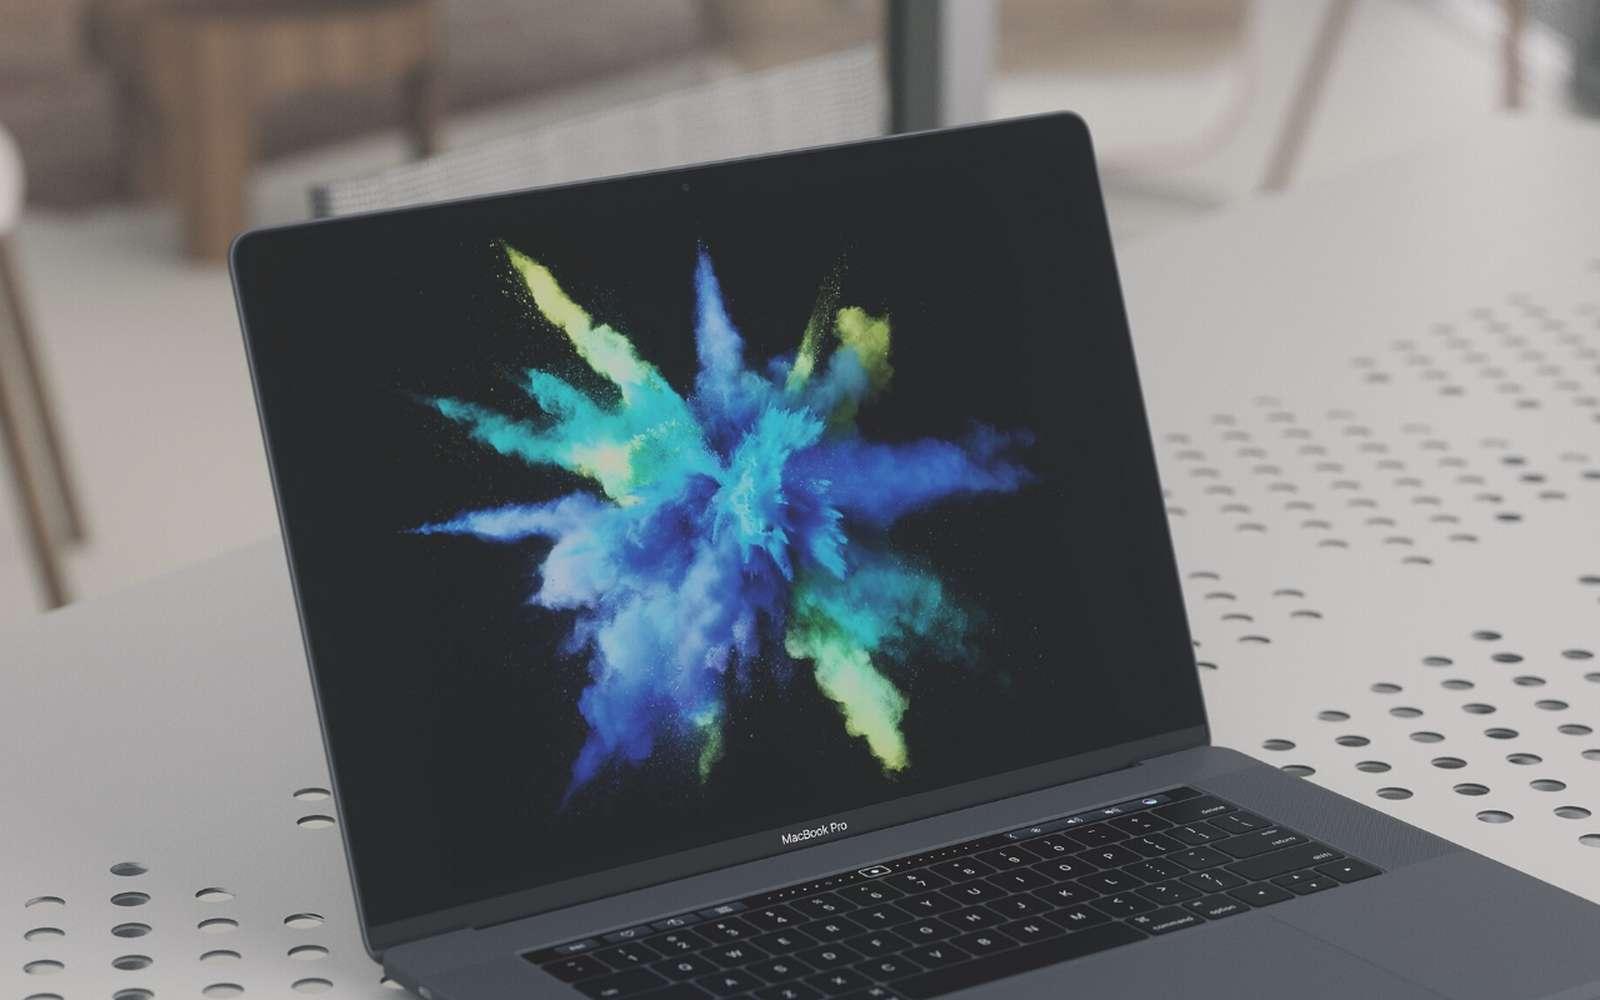 Lors des transferts de photos d'un iPhone ou d'un iPad à un Mac chaque image génère 1,5 Mo de données inutiles. © Unsplash